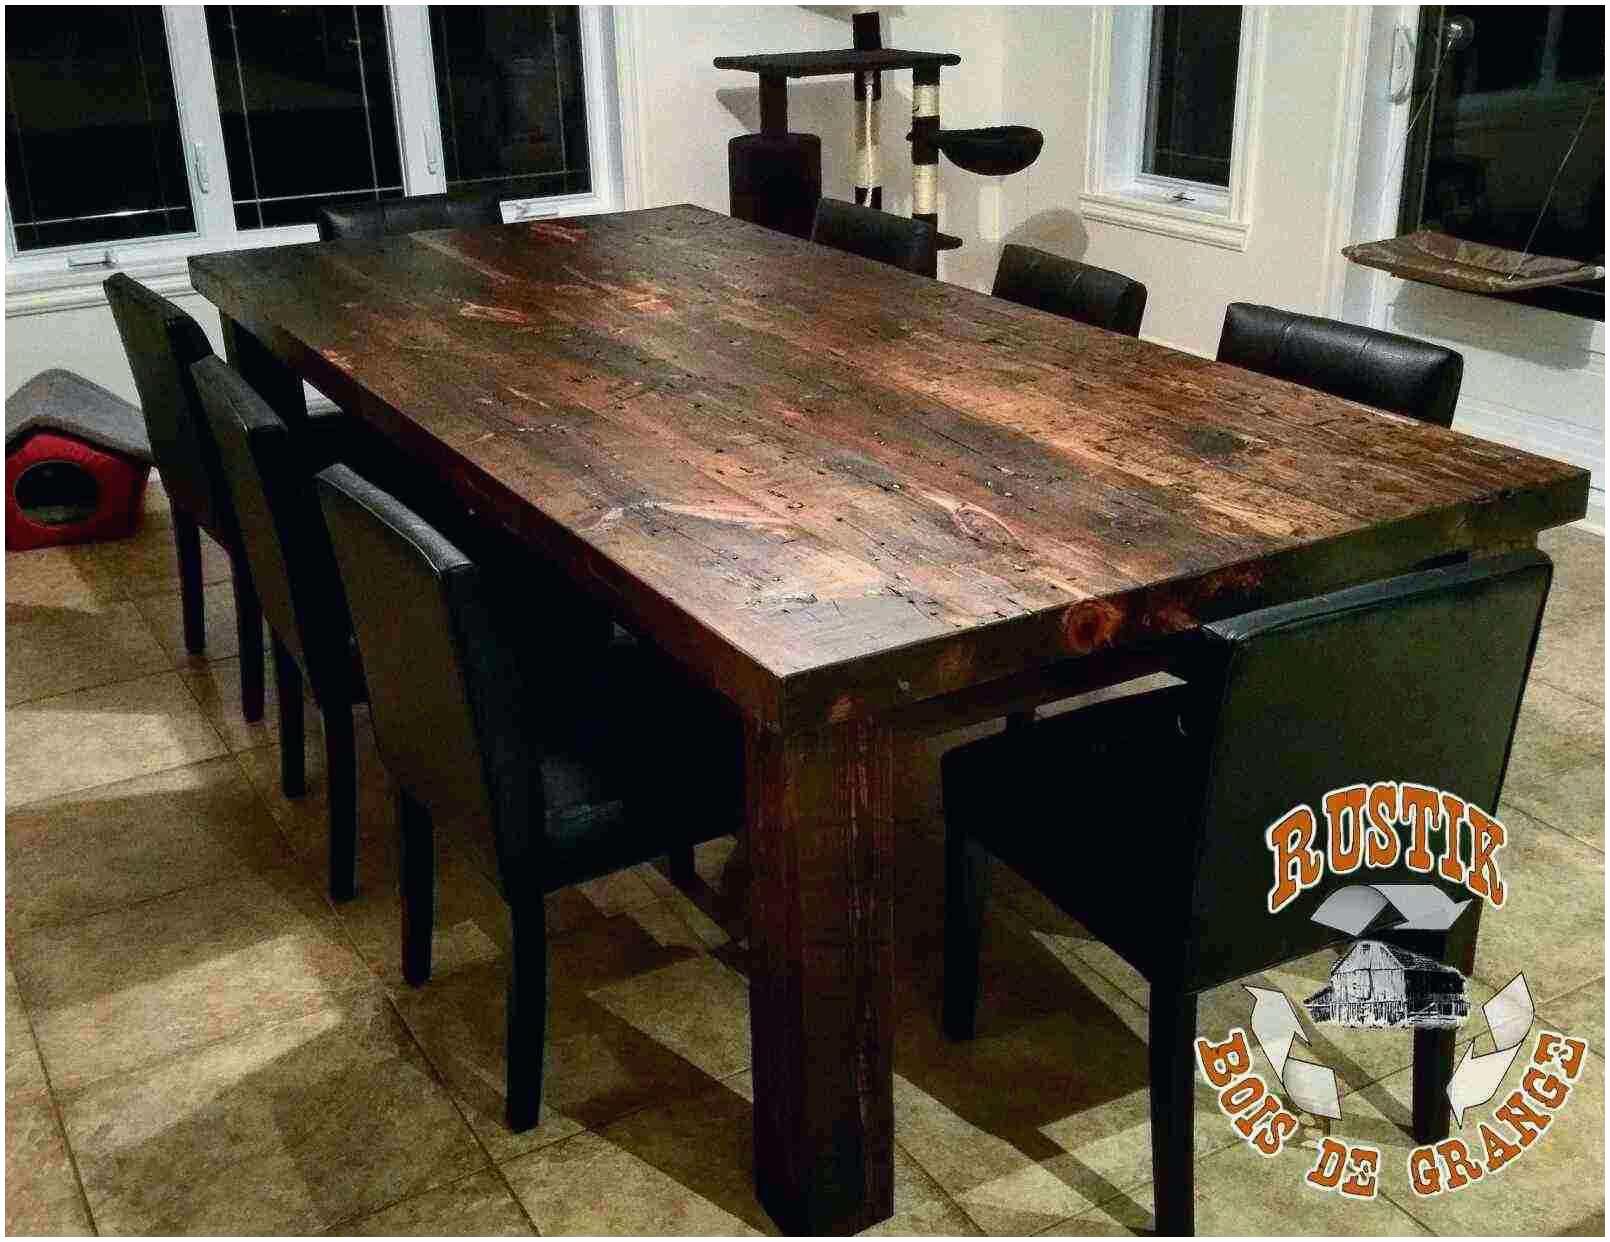 fabriquer un salon de jardin en bois luxe fabriquer une table en bois fabriquer table en bois best fabriquer of fabriquer un salon de jardin en bois